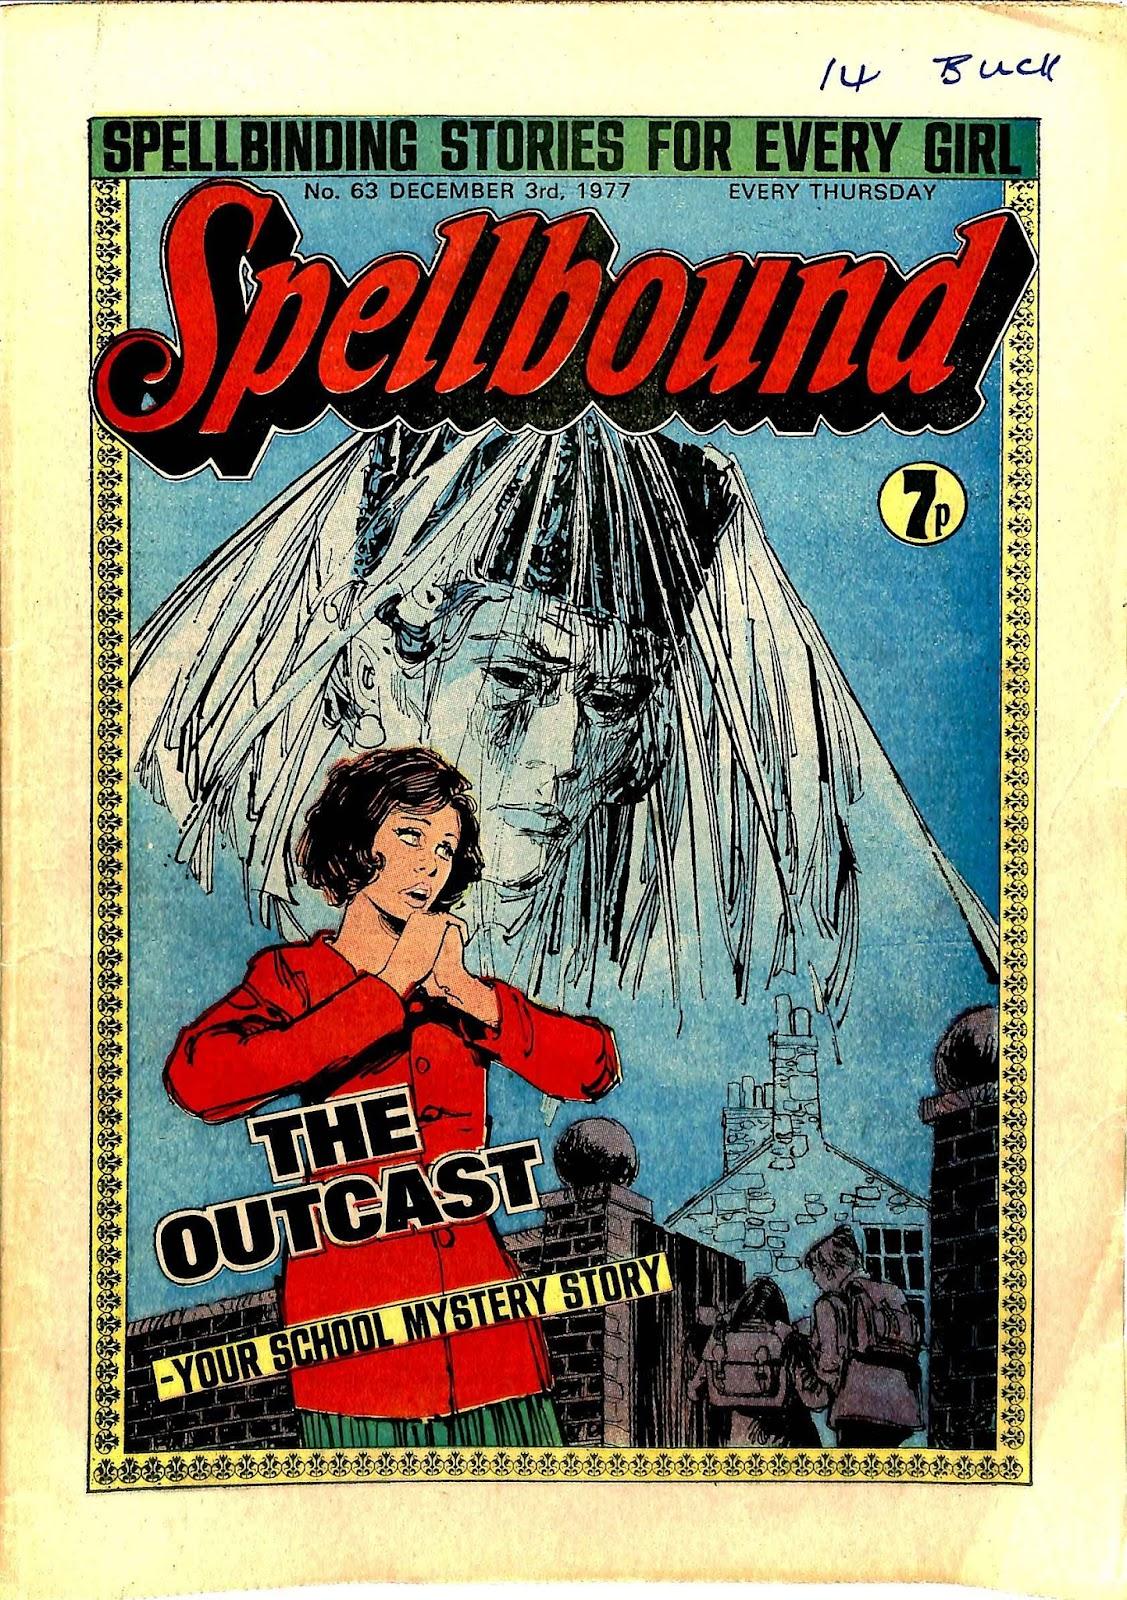 Spellbound (1988) issue 63 - Page 1